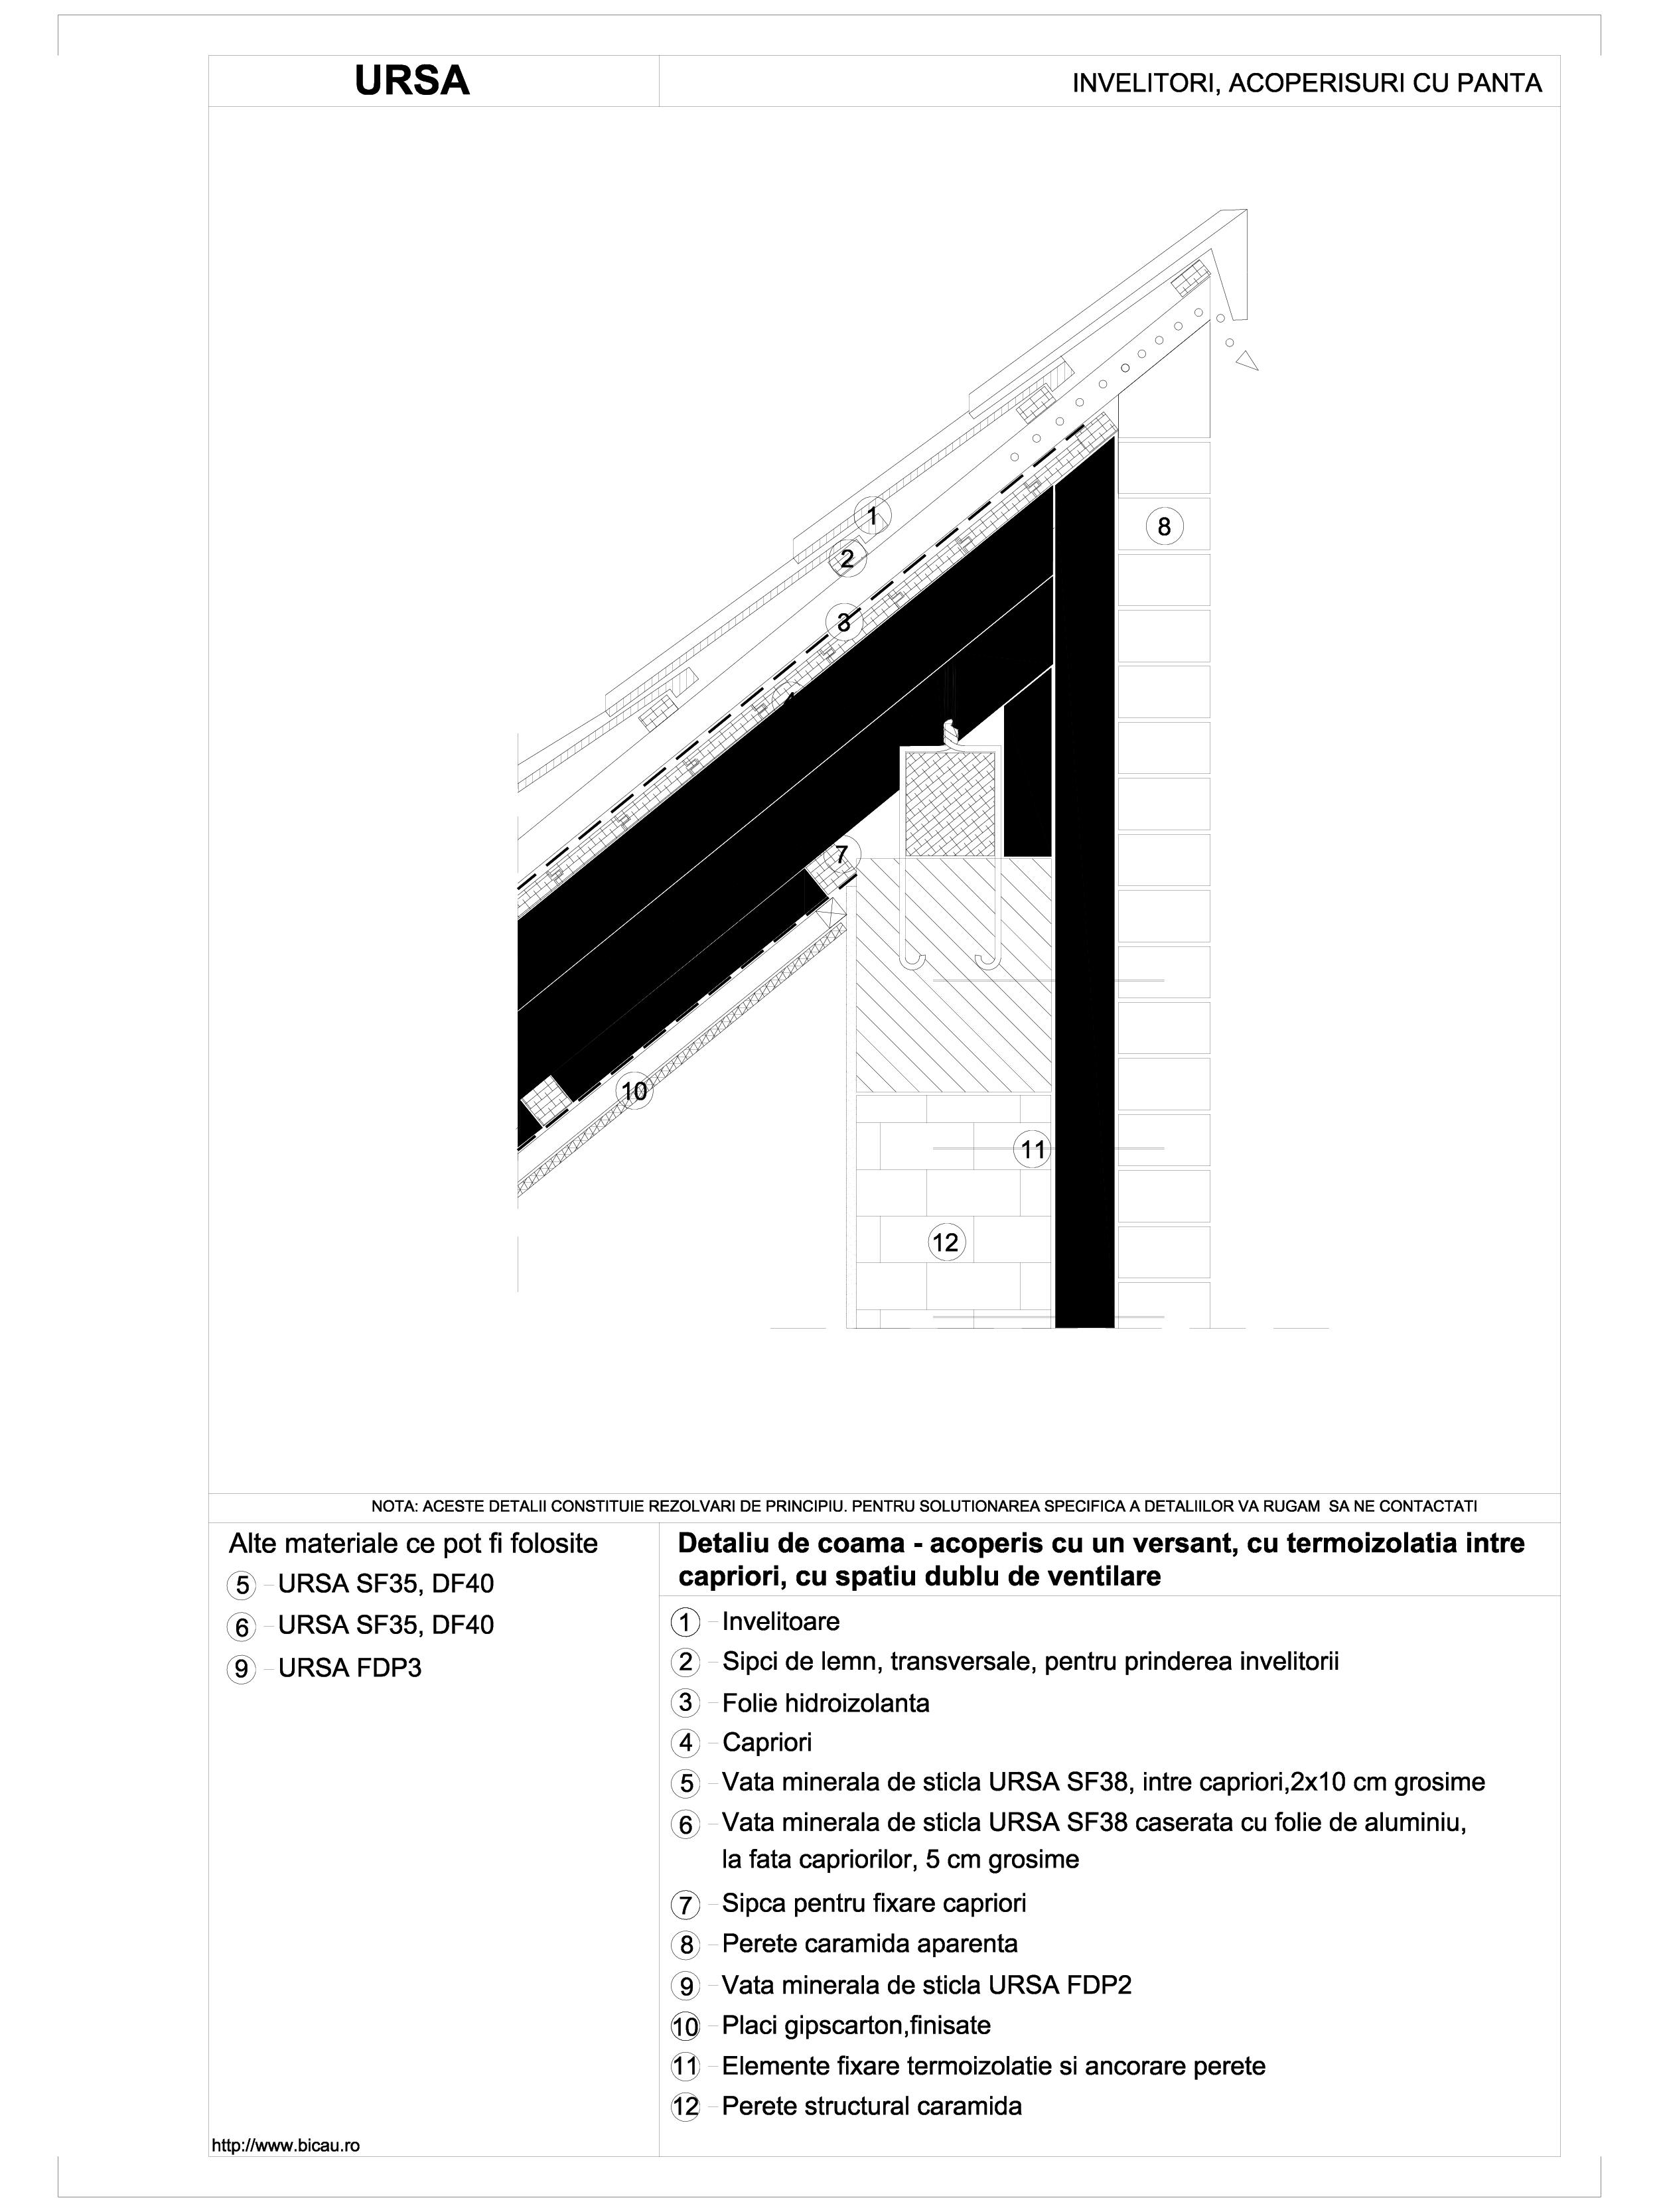 Detaliu de coama - acoperis cu un versant, cu termoizolatia intre capriori, cu spatiu dublu de ventilare URSA Vata minerala pentru acoperisuri si mansarde URSA ROMANIA   - Pagina 1